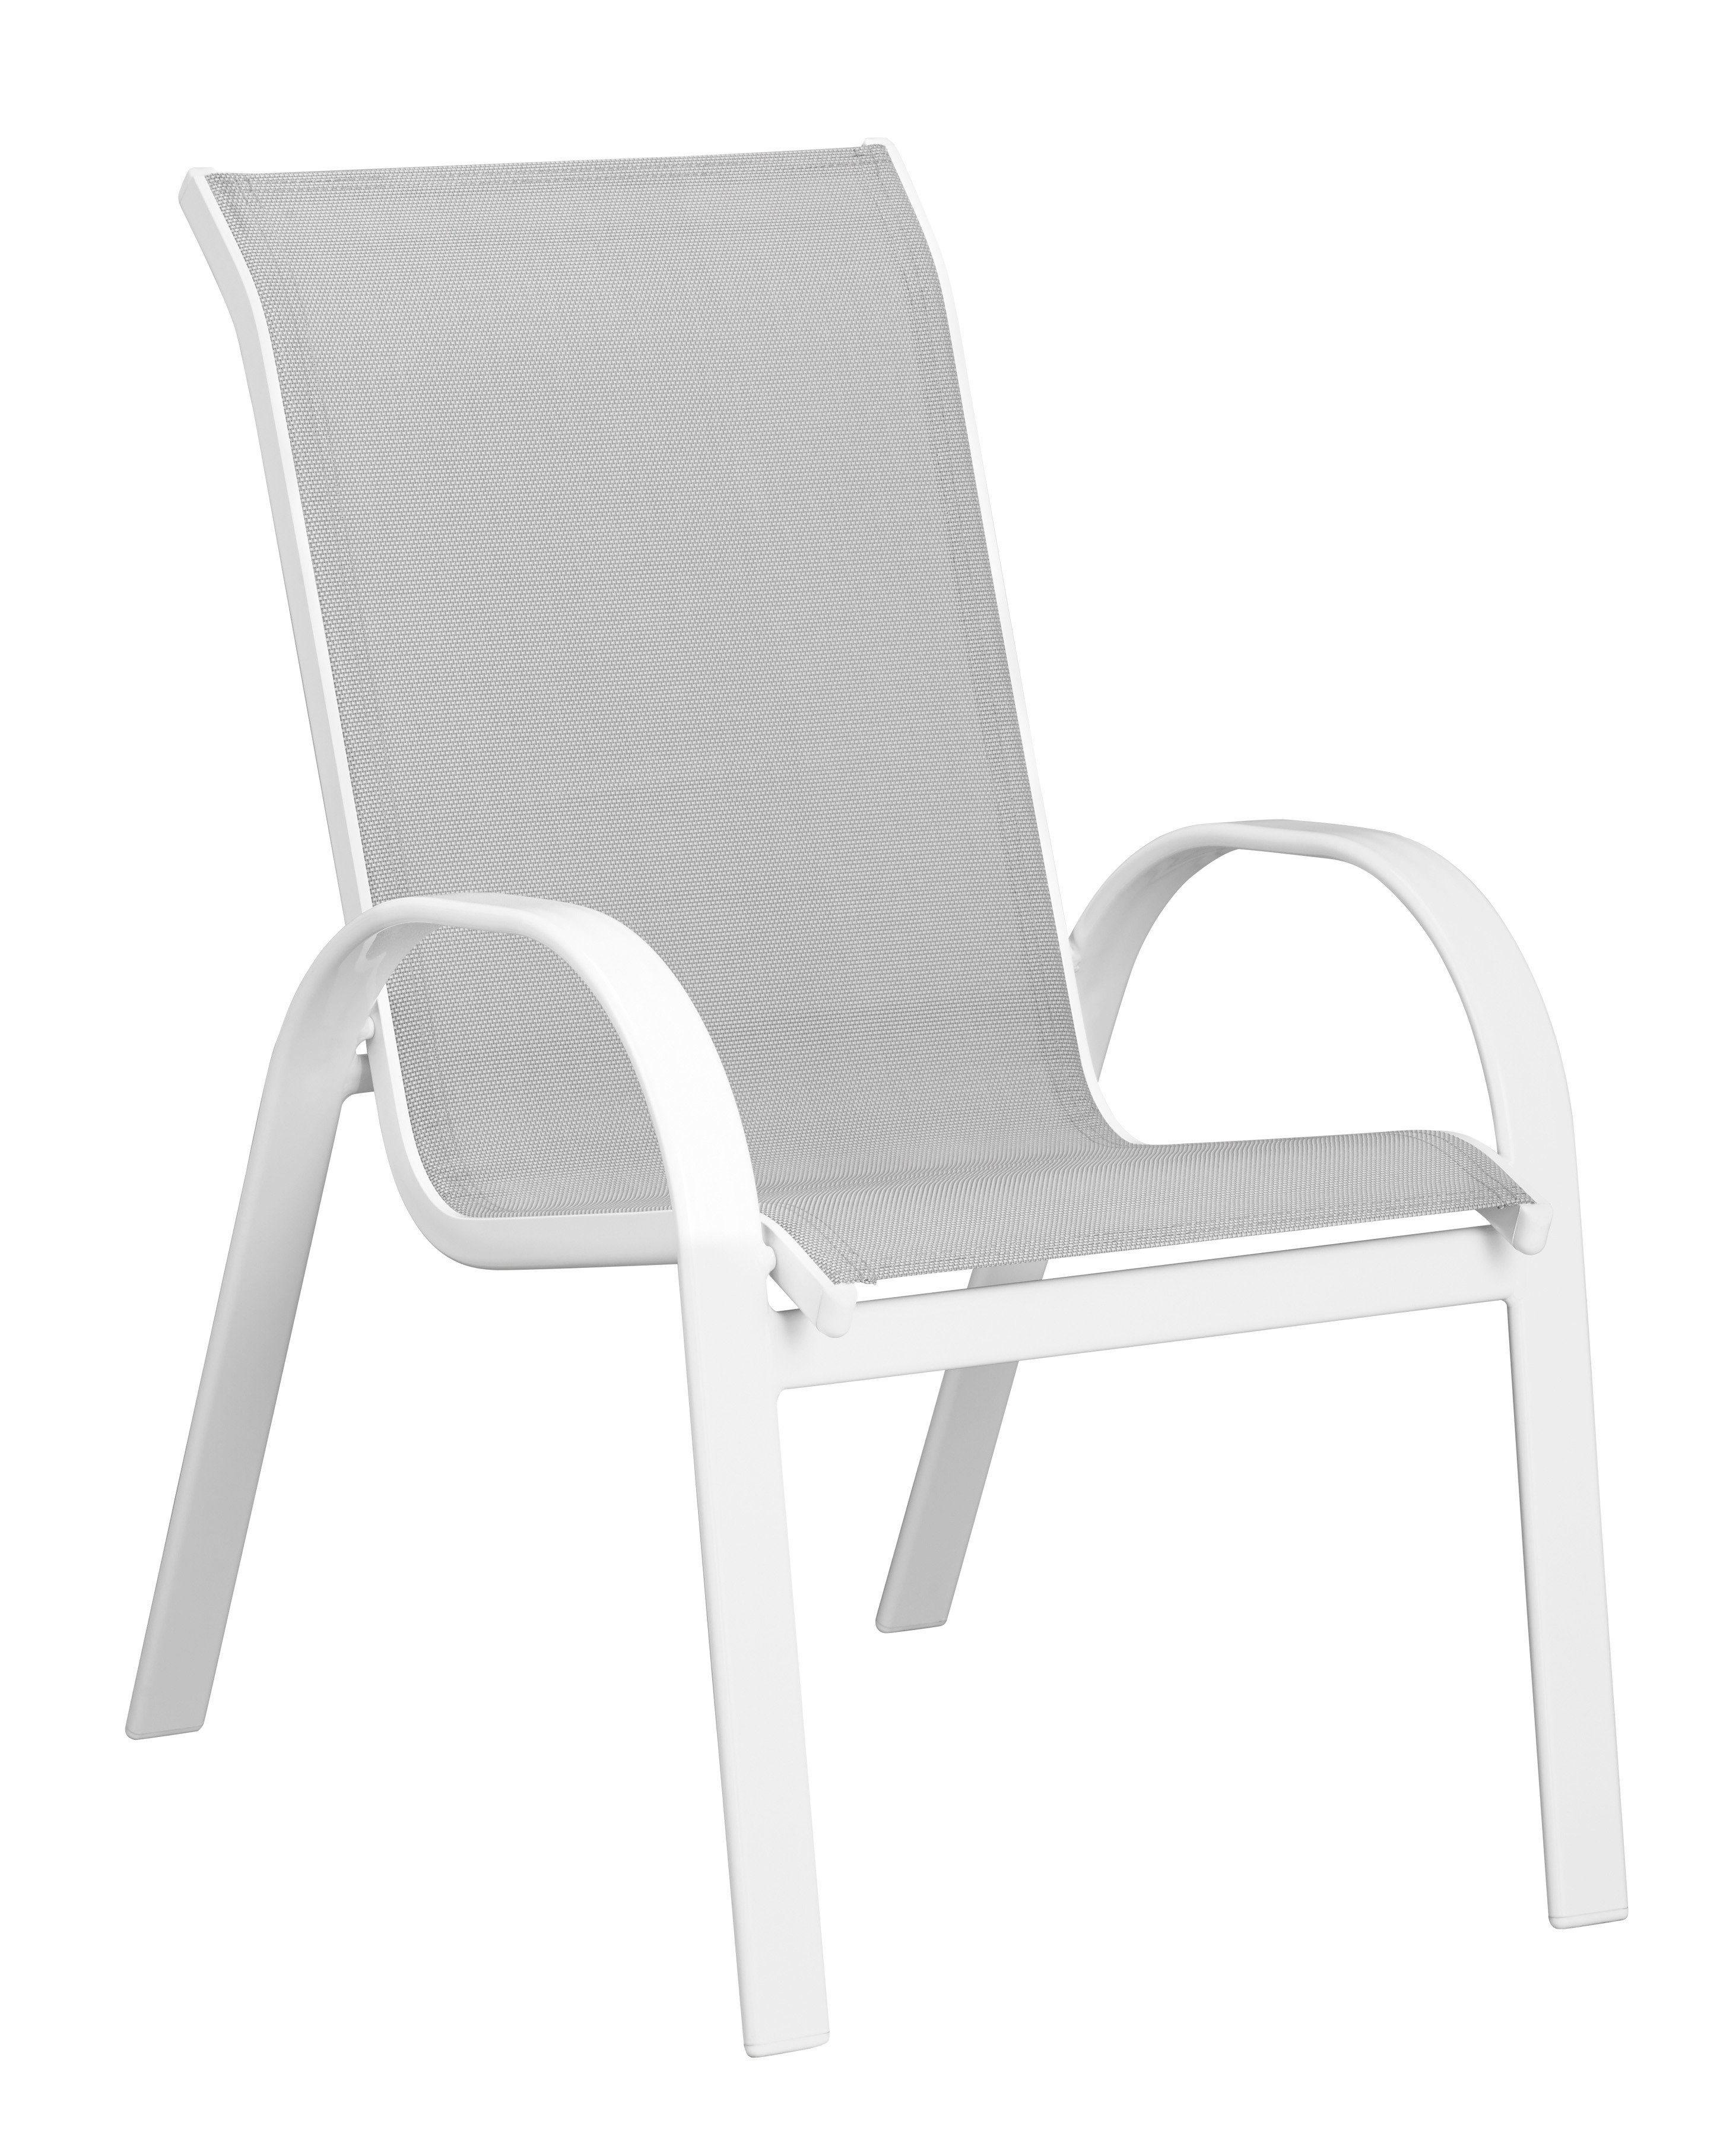 Stapelstuhl »Carrara«, 2er Set